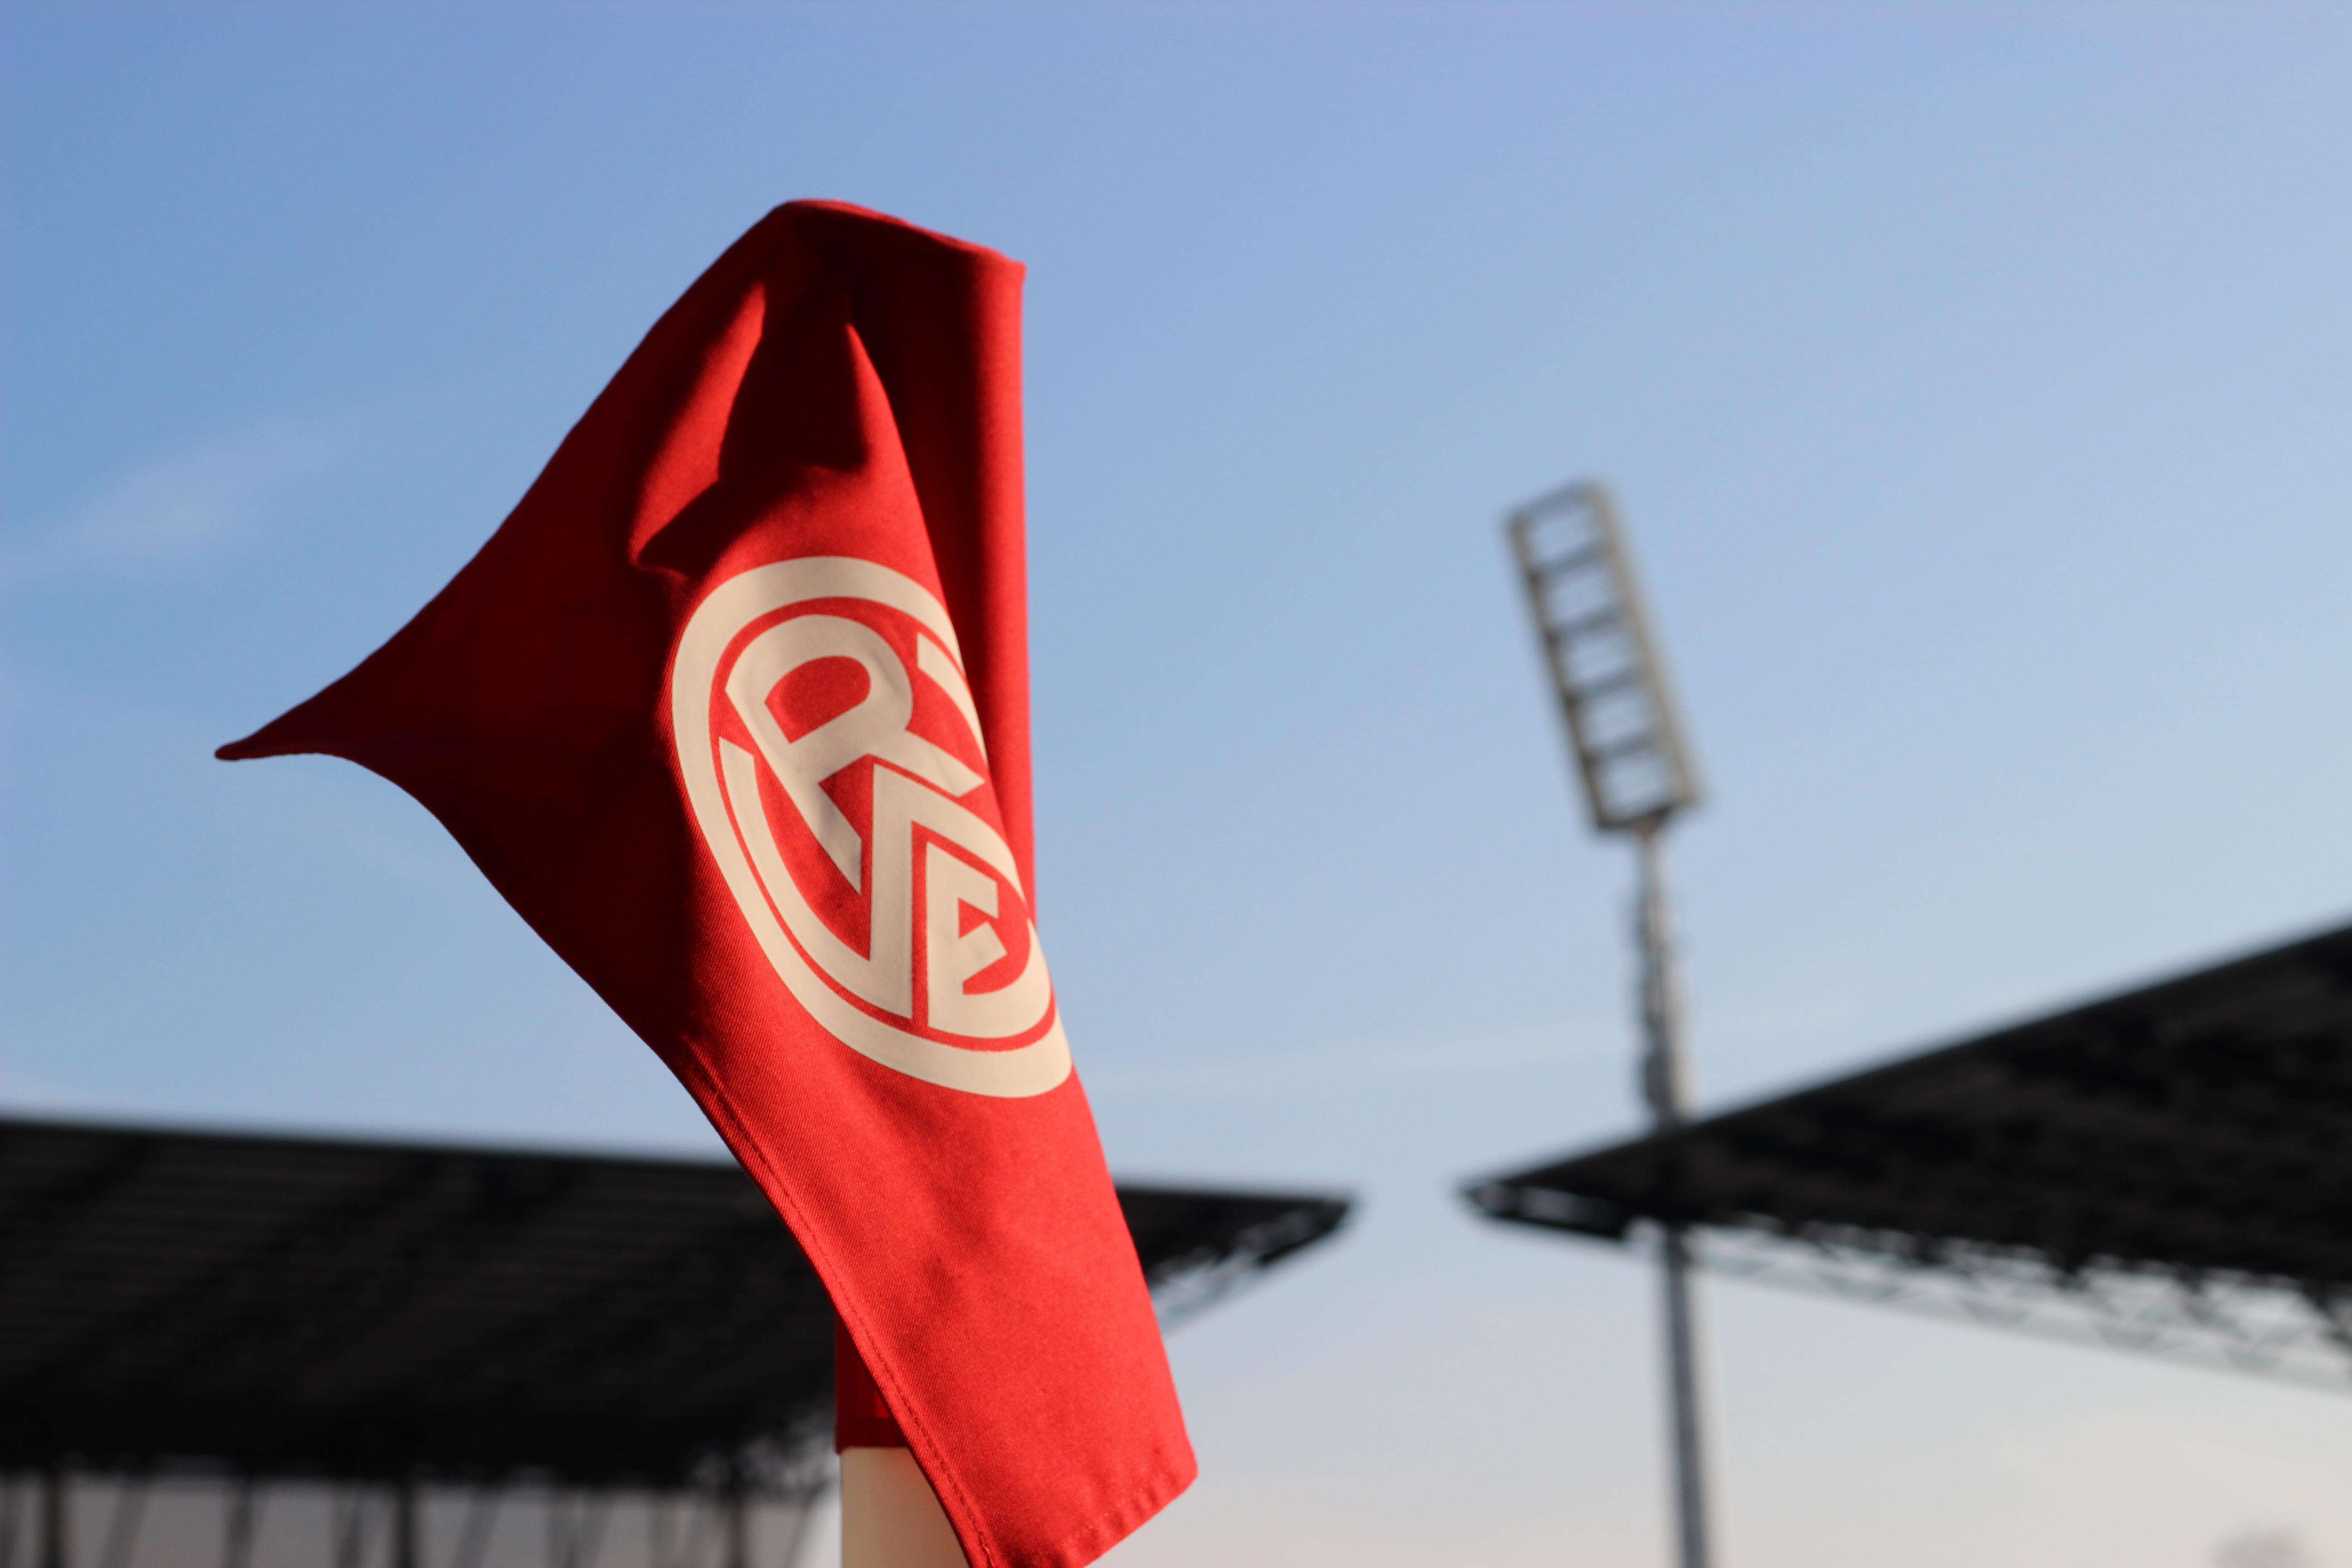 Das Regionalliga-Spiel gegen den SC Wiedenbrück kann nicht stattfinden.